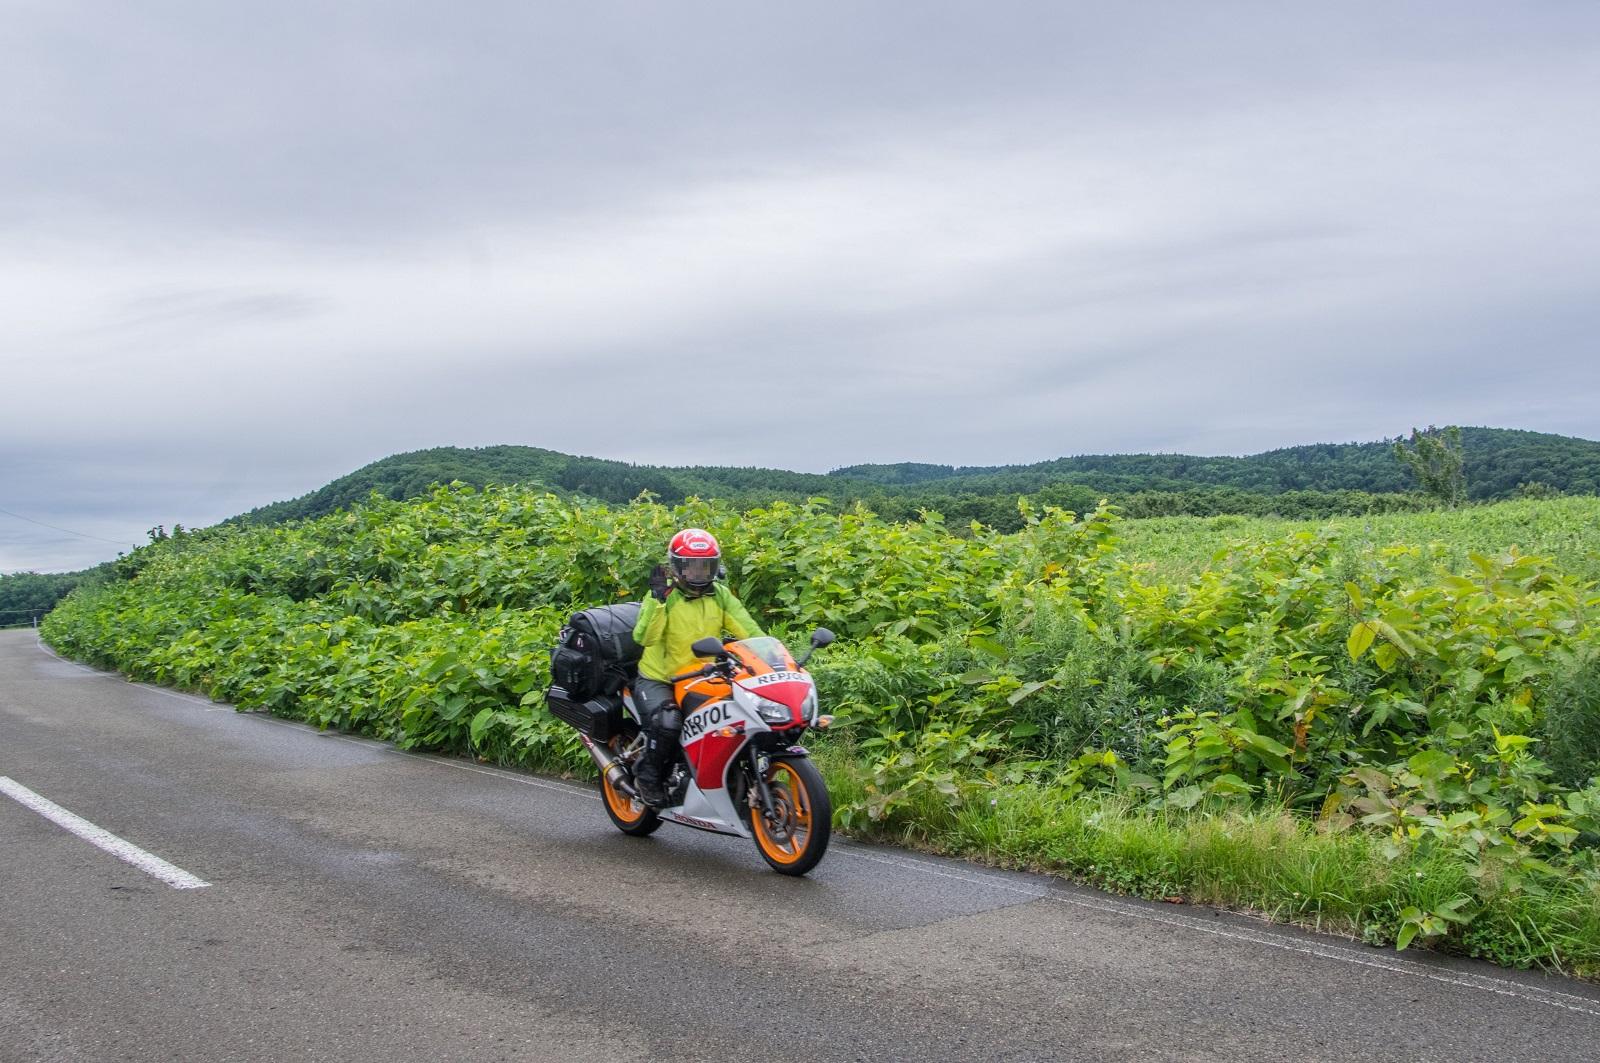 2日目朝・能取岬に颯爽と登場@やすぽんさん撮影